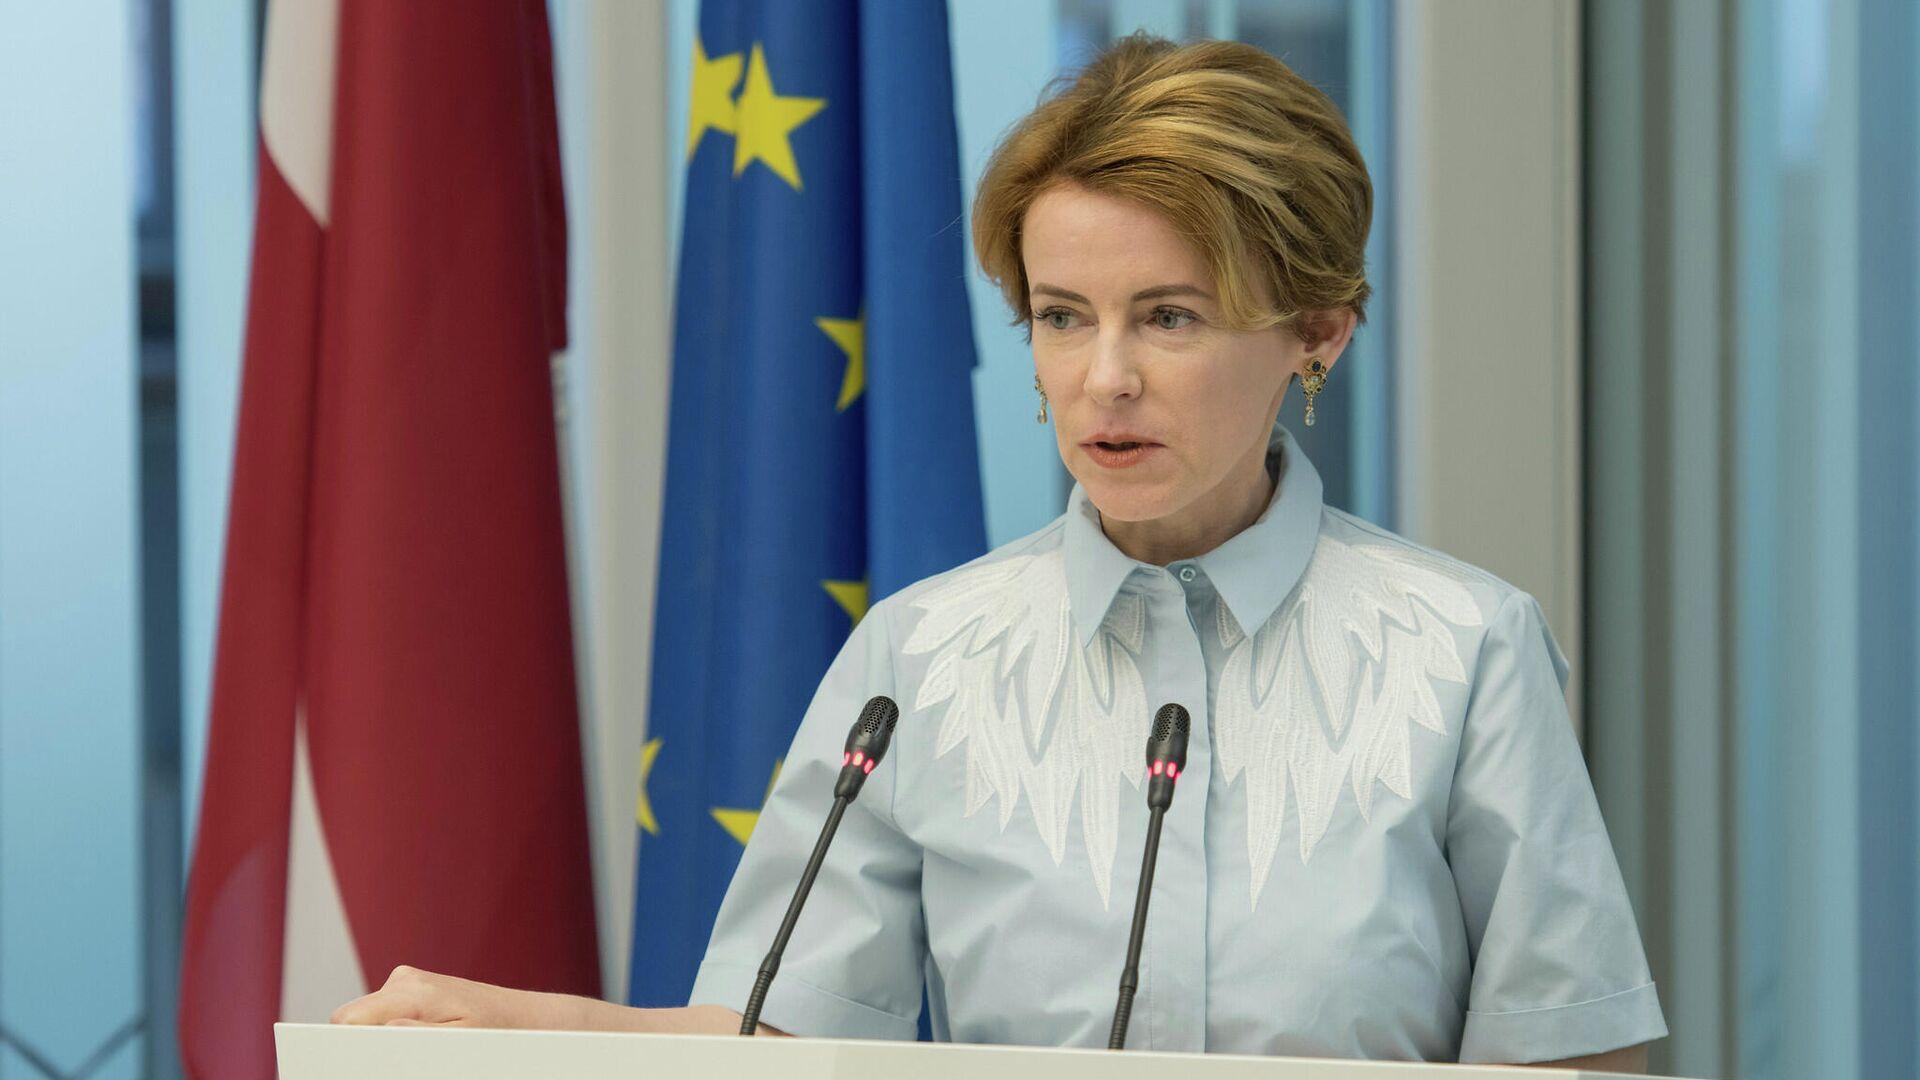 Министр внутренних дел Латвии Мария Голубева - Sputnik Латвия, 1920, 28.07.2021